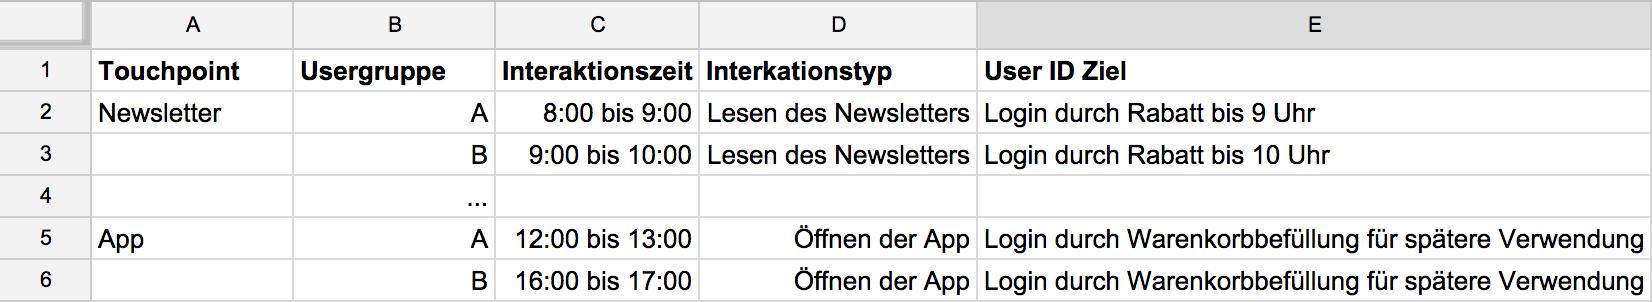 Tabelle für die Situative Analyse